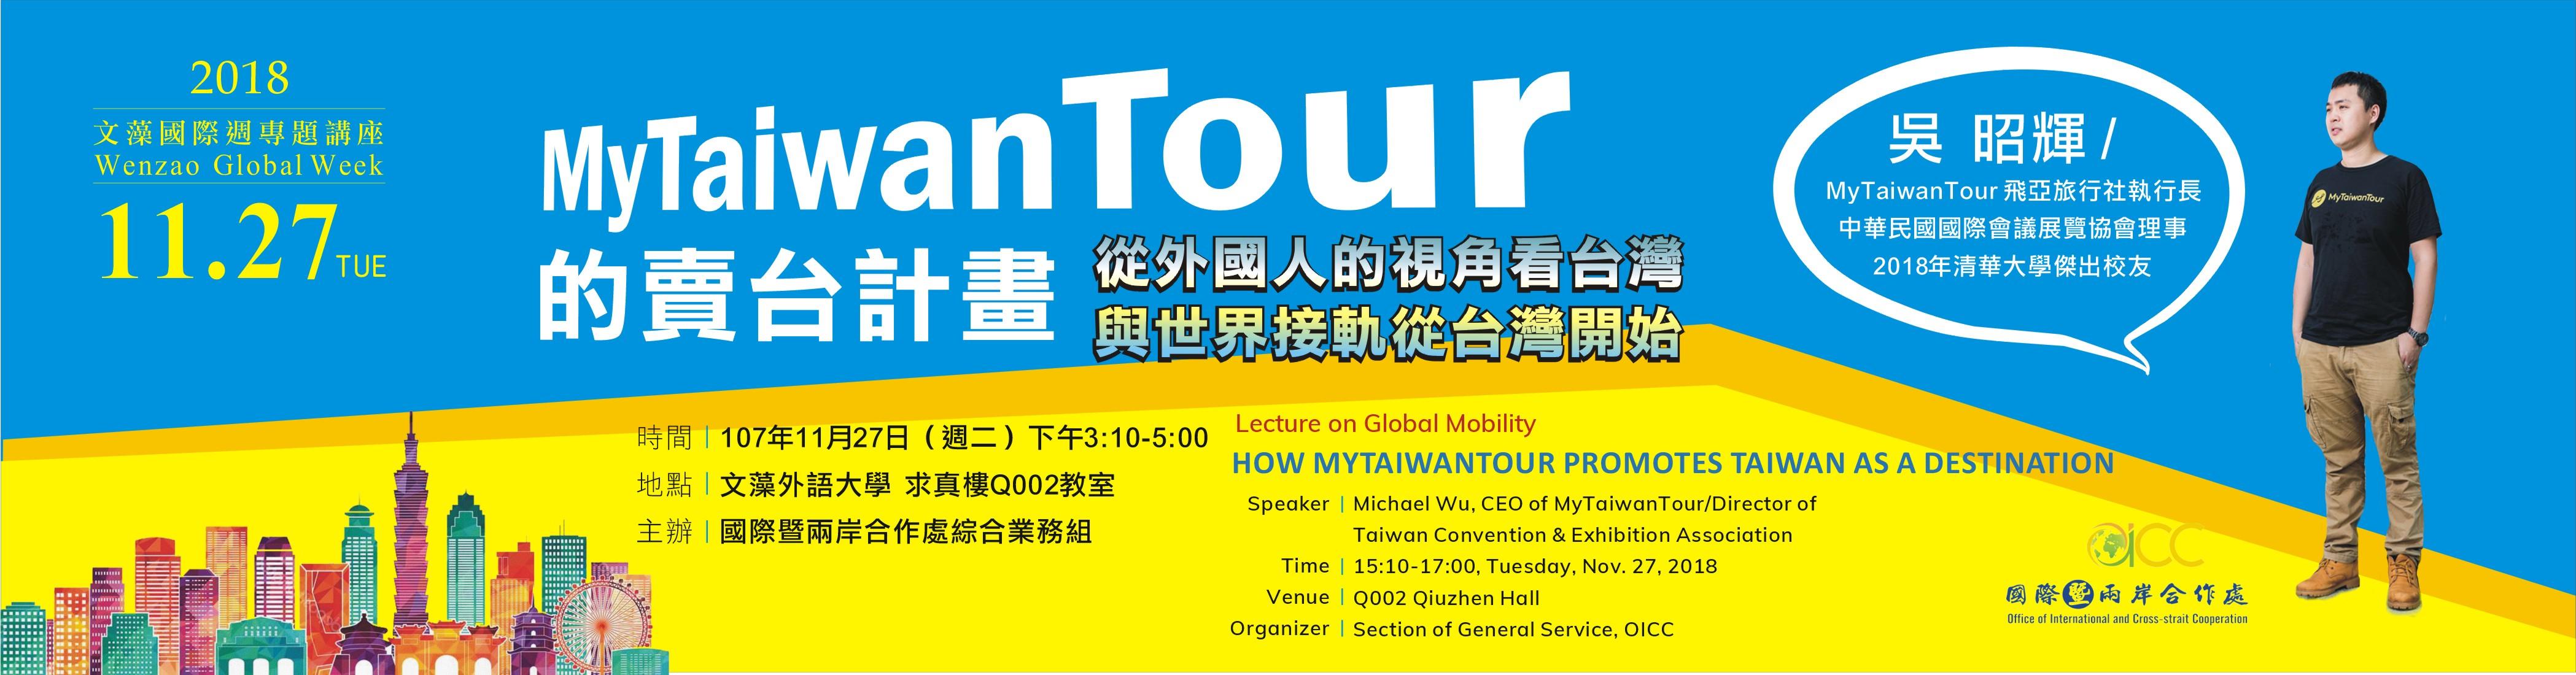 國際週名人講座-MyTaiwanTour的賣台計畫(另開新視窗)